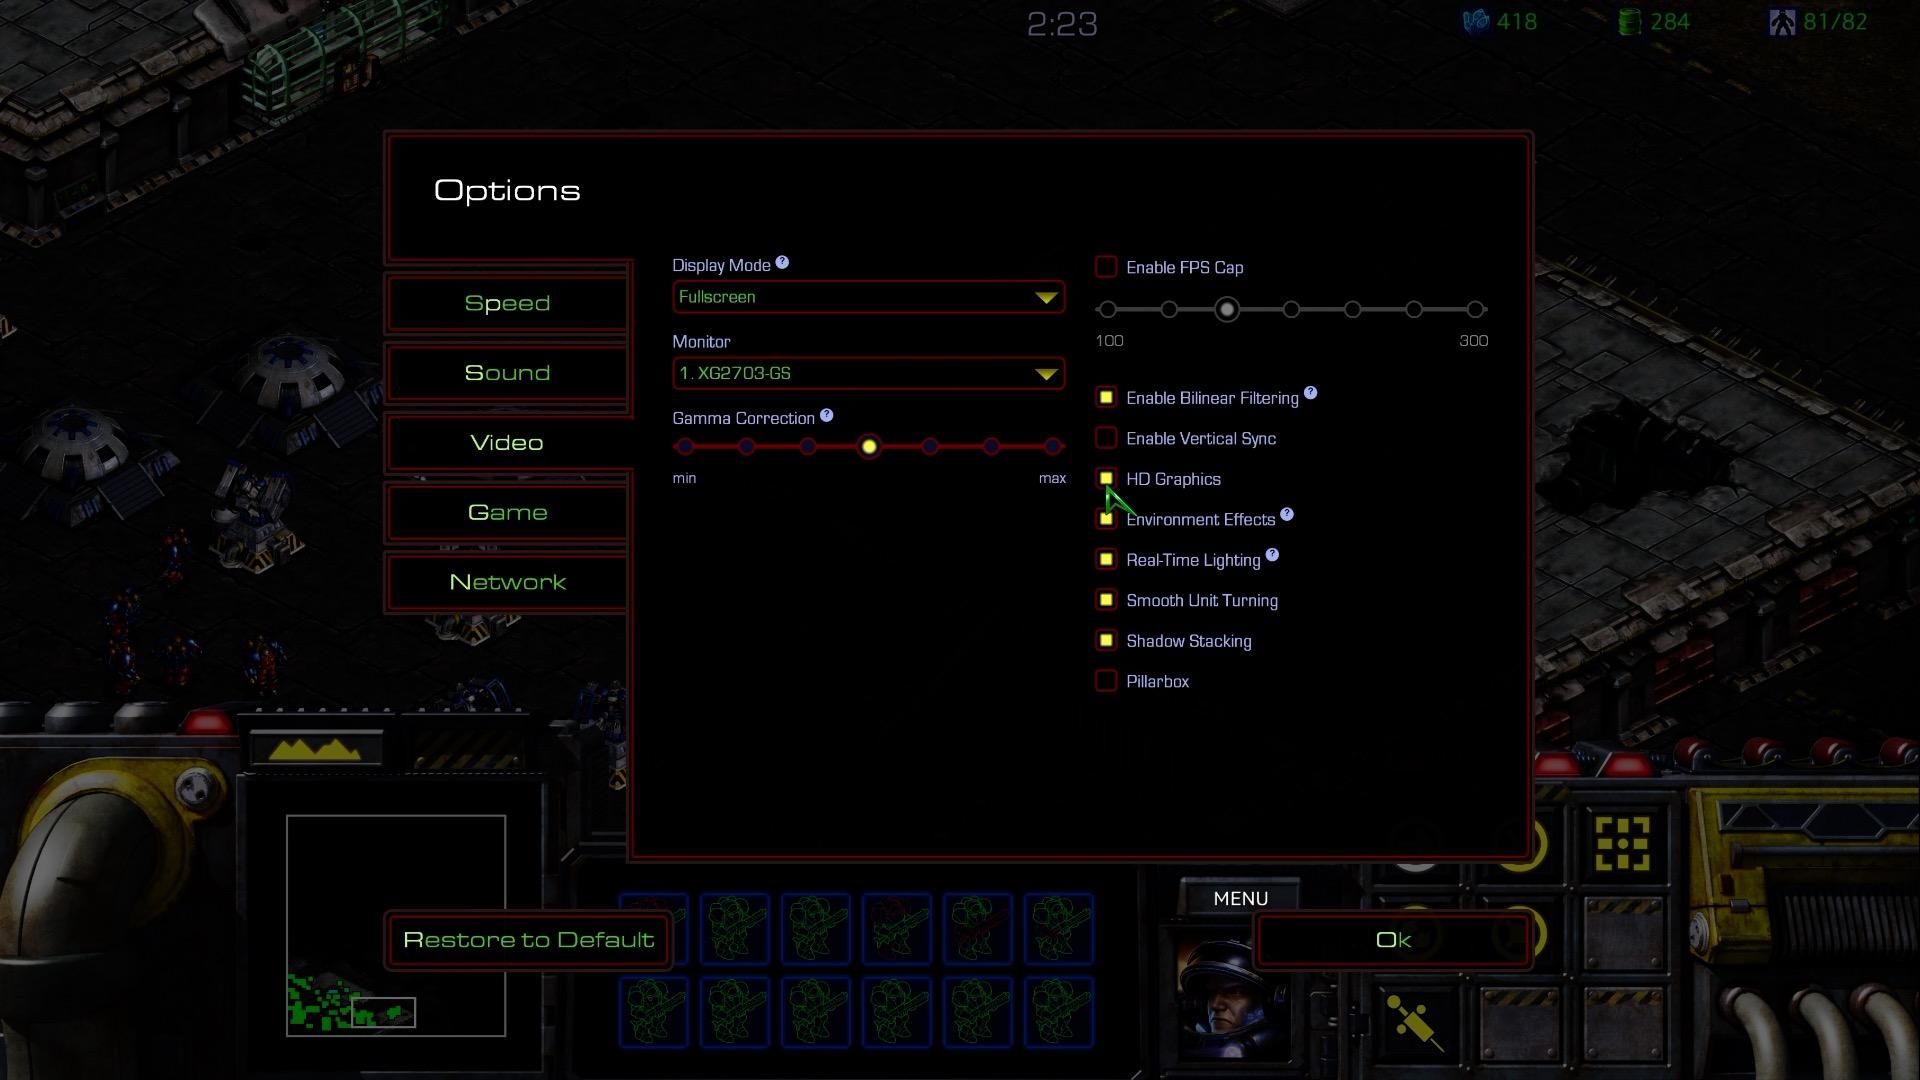 Starcraft Remastered im Test: Klick, klick, klick, klick, klick als wär es 1998 - Die Optionen in Starcraft Remastered (Screenshot: Michael Wieczorek/Golem.de)